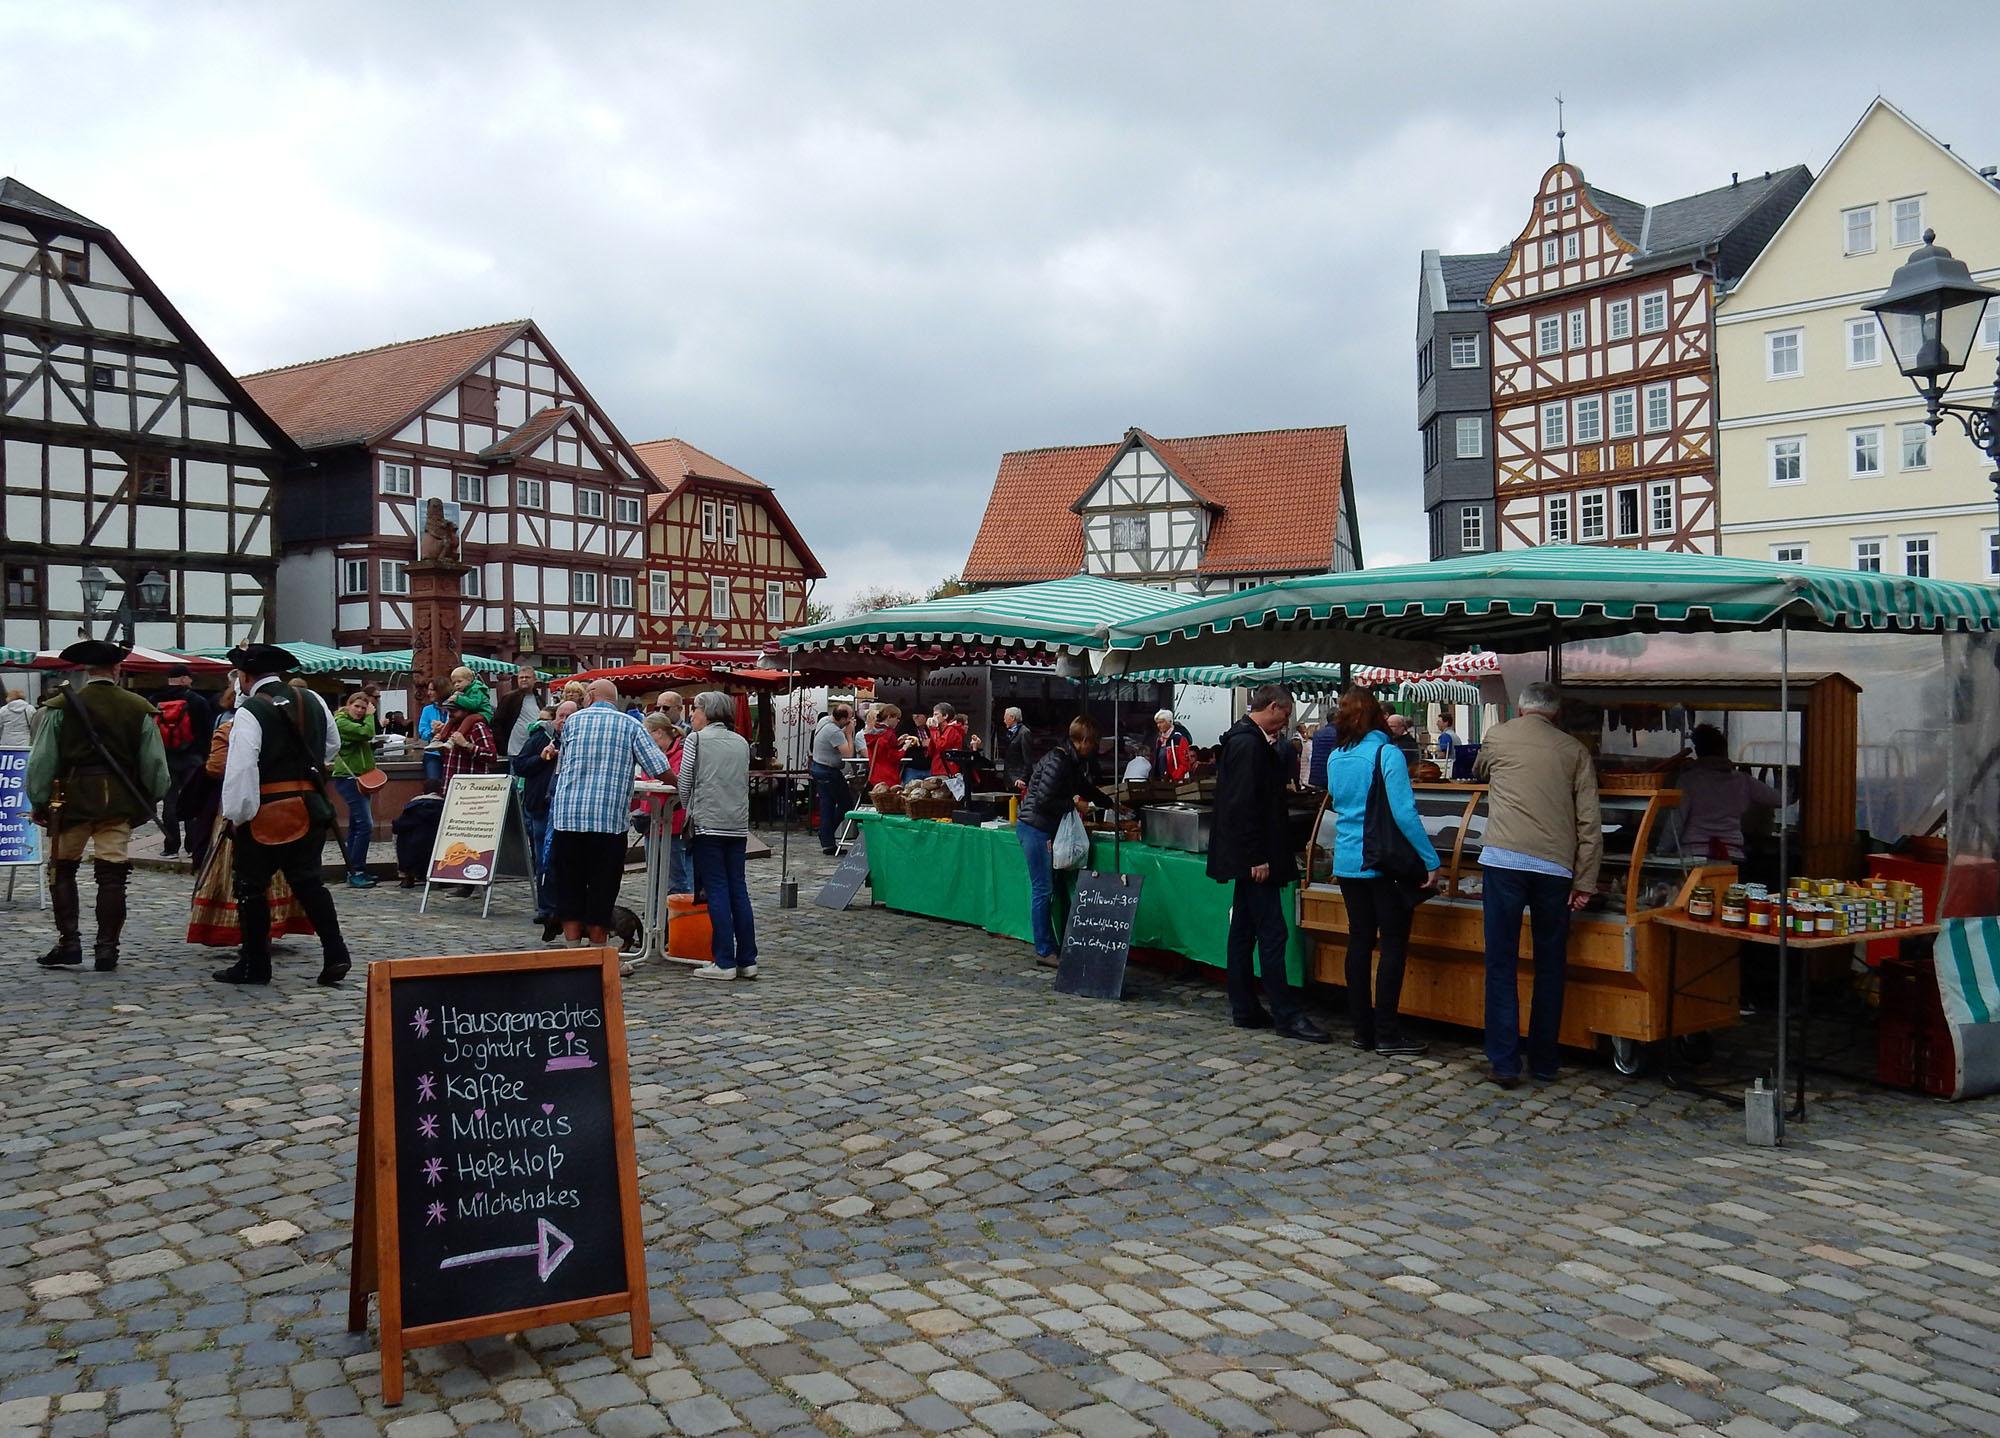 Besucher beim Einkaufen und Flanieren auf dem Bauernmarkt im Hessenpark